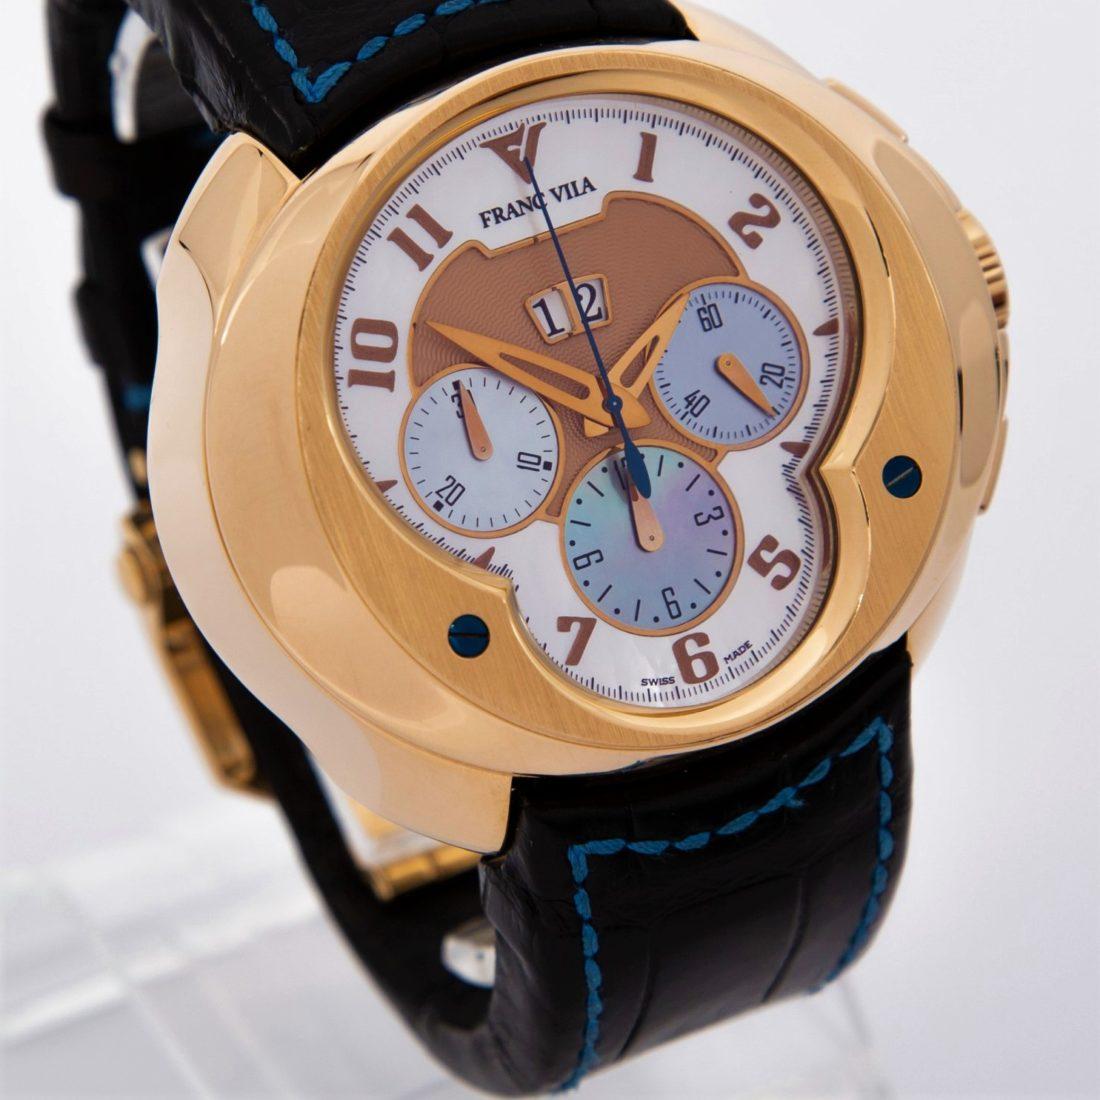 Продать часы Franc Vila с предварительной оценкой